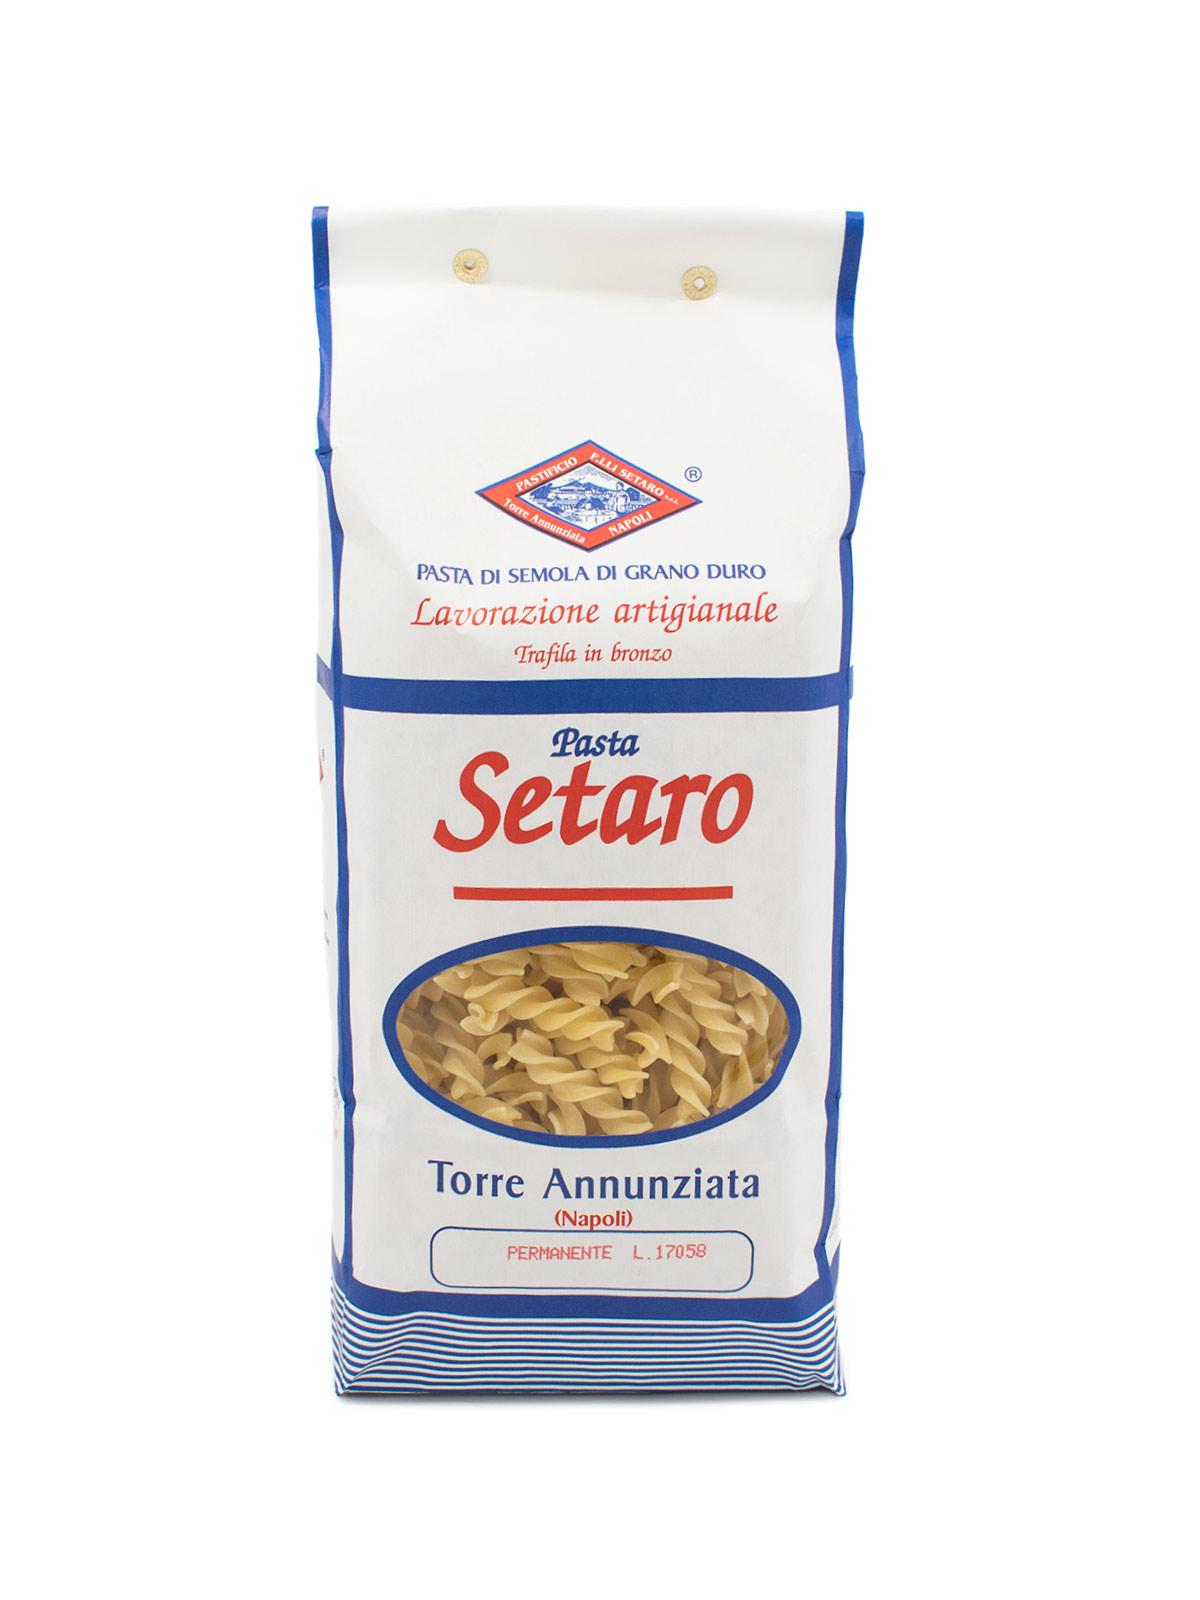 Permanente - Pastas, Rice, and Grains - Buon'Italia